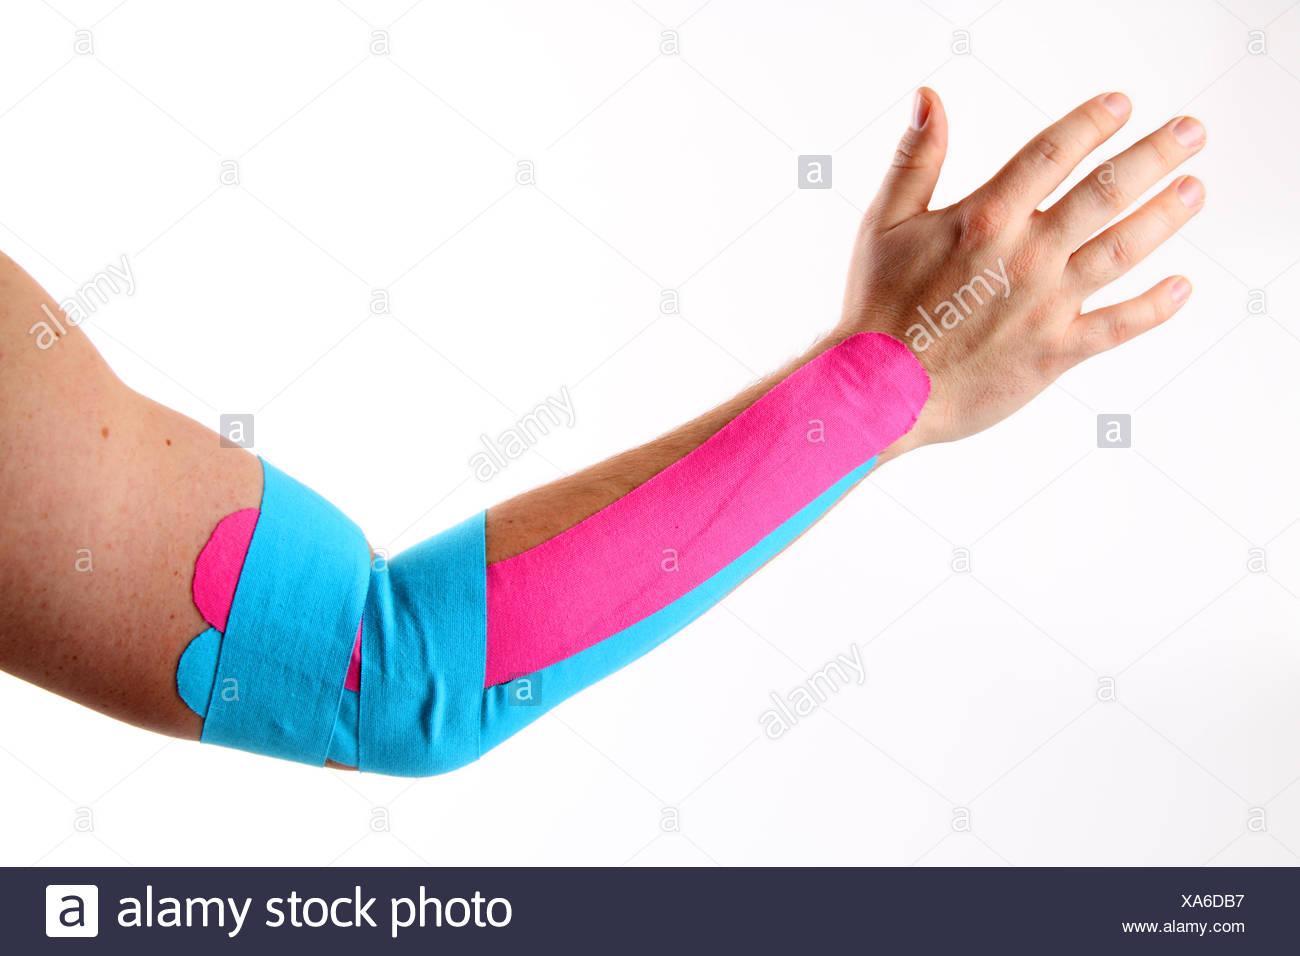 tennis elbow Stock Photo